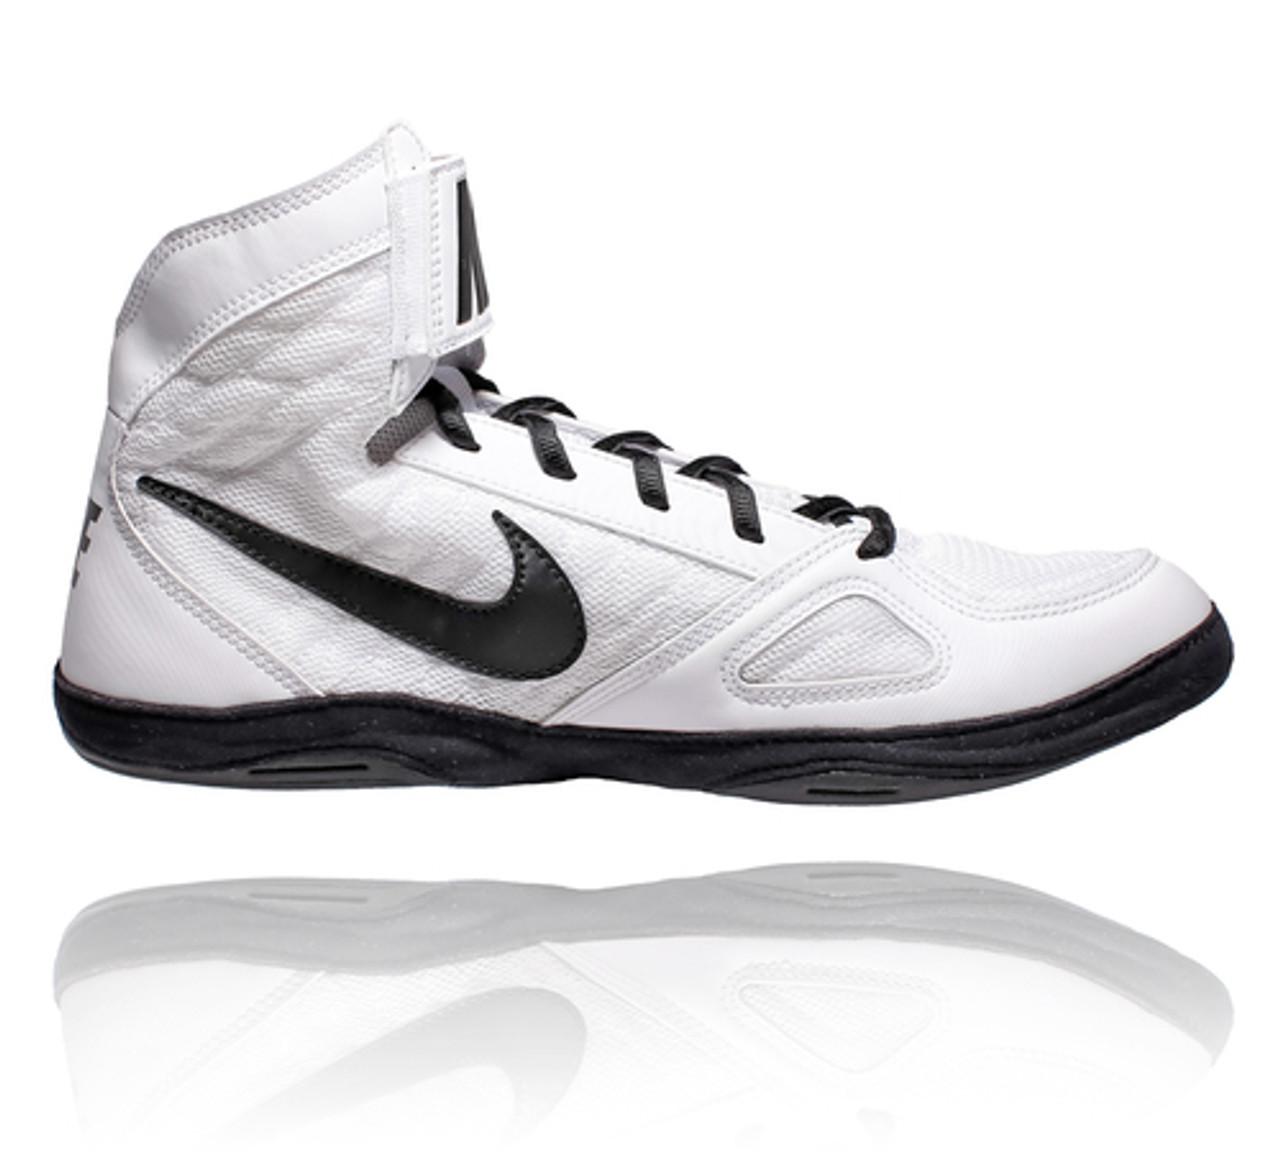 Nike Takedown 4 White / Black